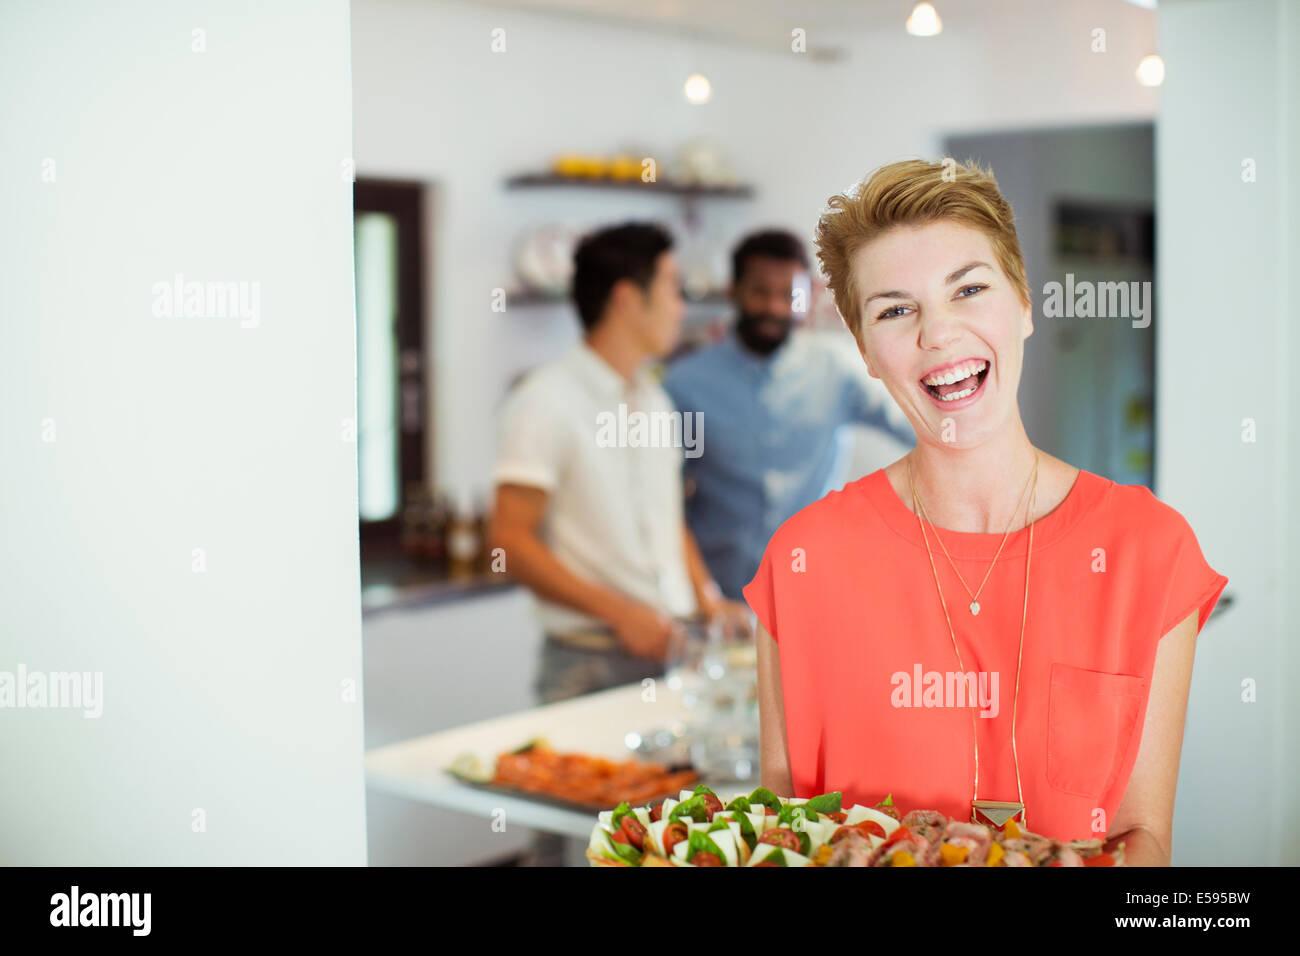 Frau mit Tablett mit Essen auf party Stockbild